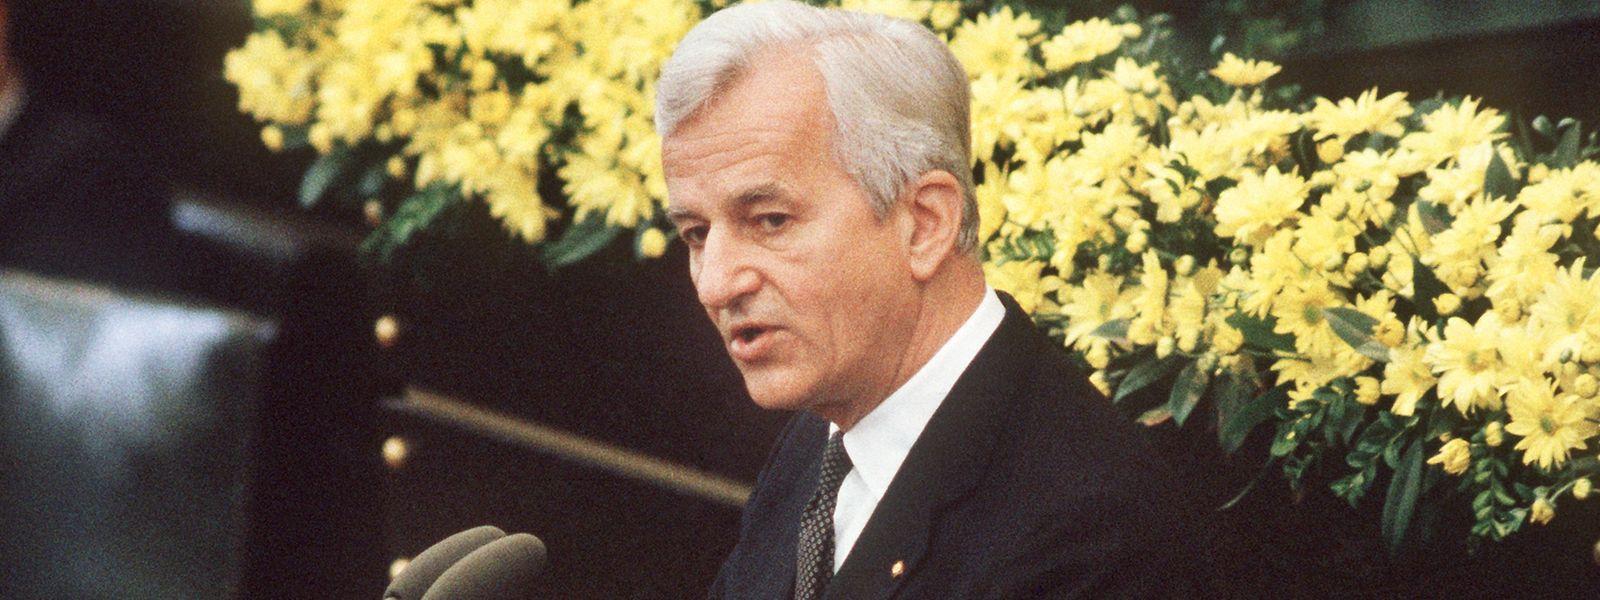 8. Mai 1985: Bundespräsident Richard von Weizsäcker hält seine vielbeachtete Rede im Bundestag während der Feierstunde zum Ende des 2. Weltkrieges vor 40 Jahren.